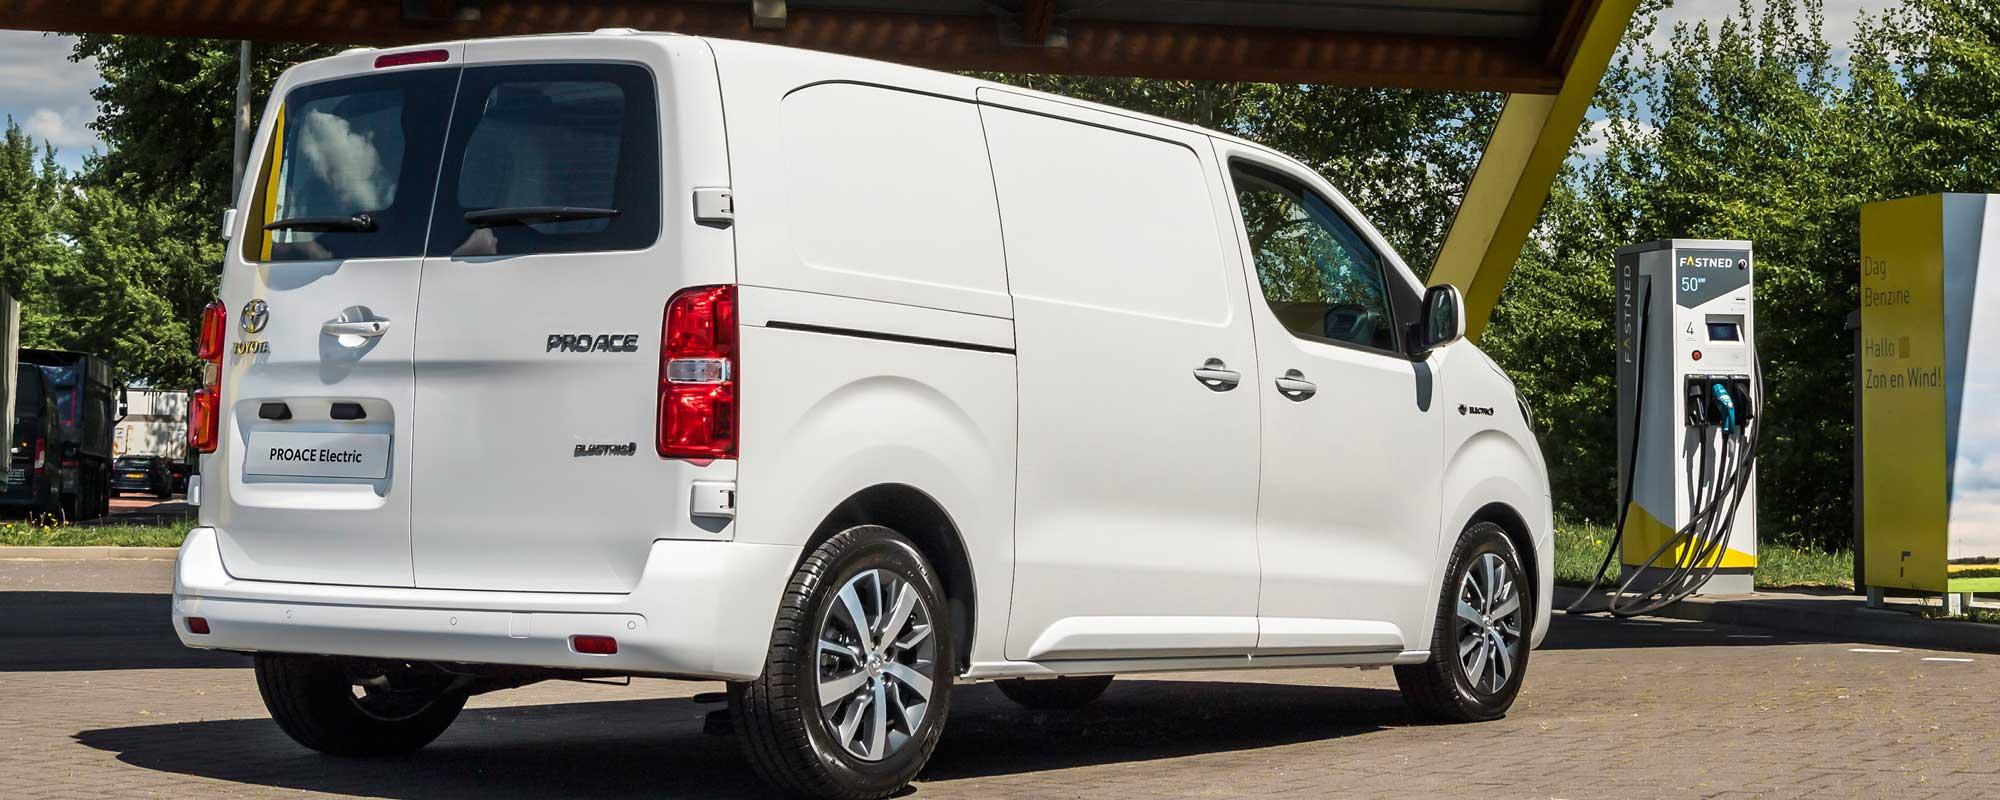 groot-nieuws-de-Toyota-Proace-Electric